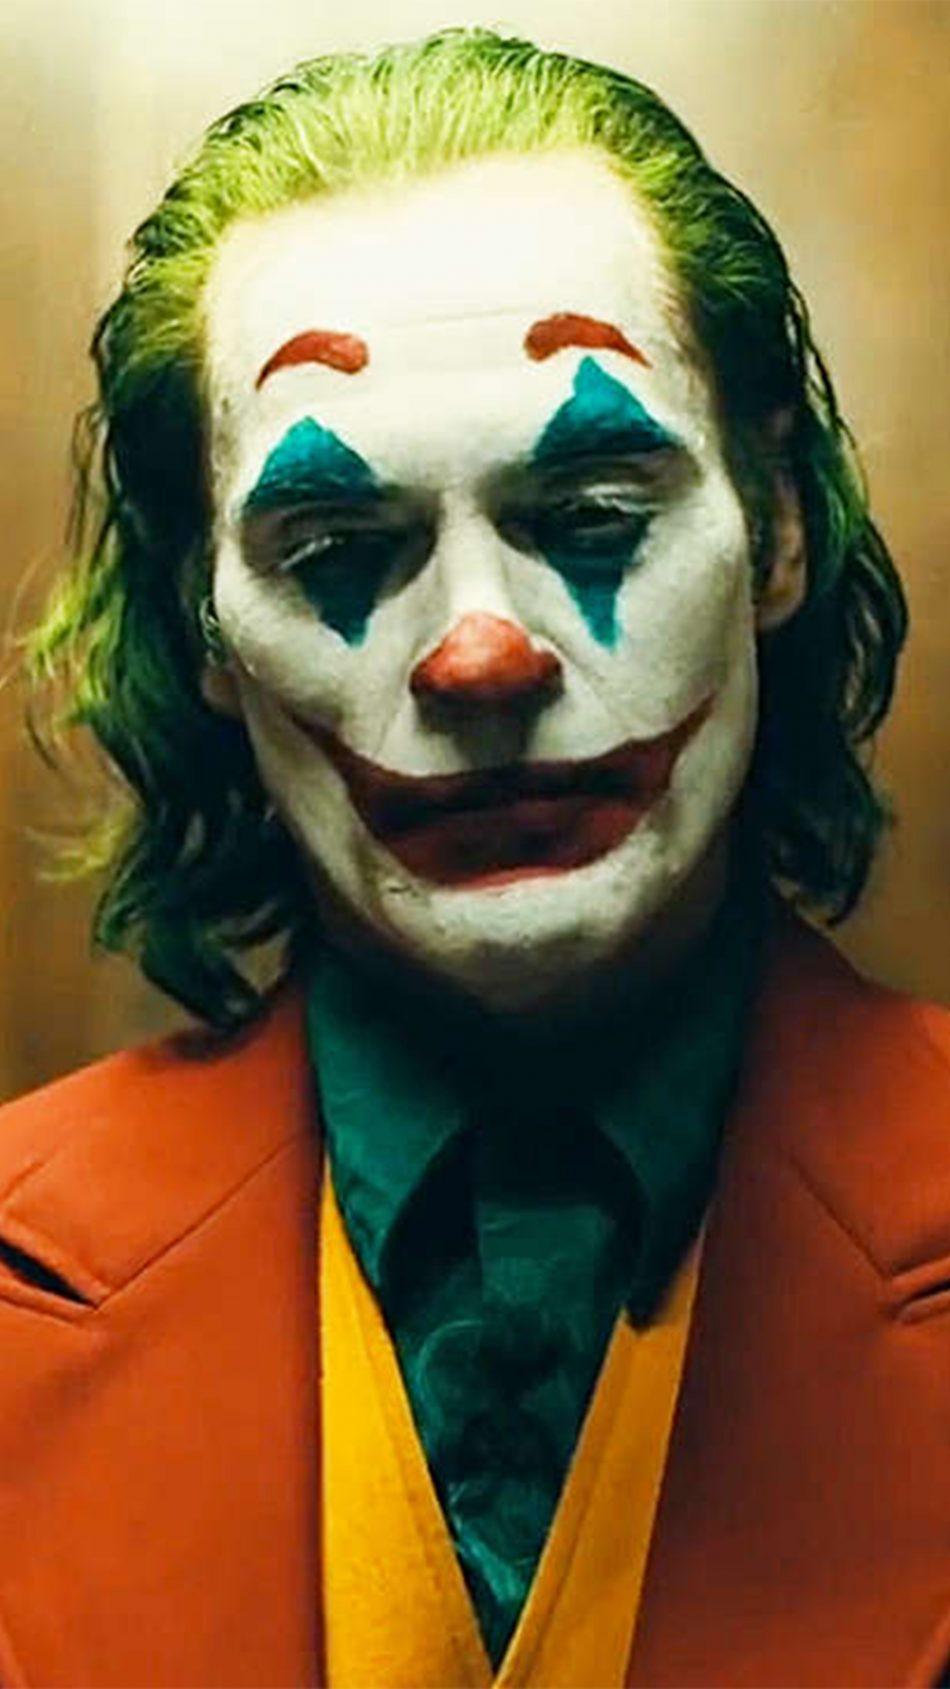 Joaquin Phoenix In Joker 2019 4k Ultra Hd Mobile Wallpaper